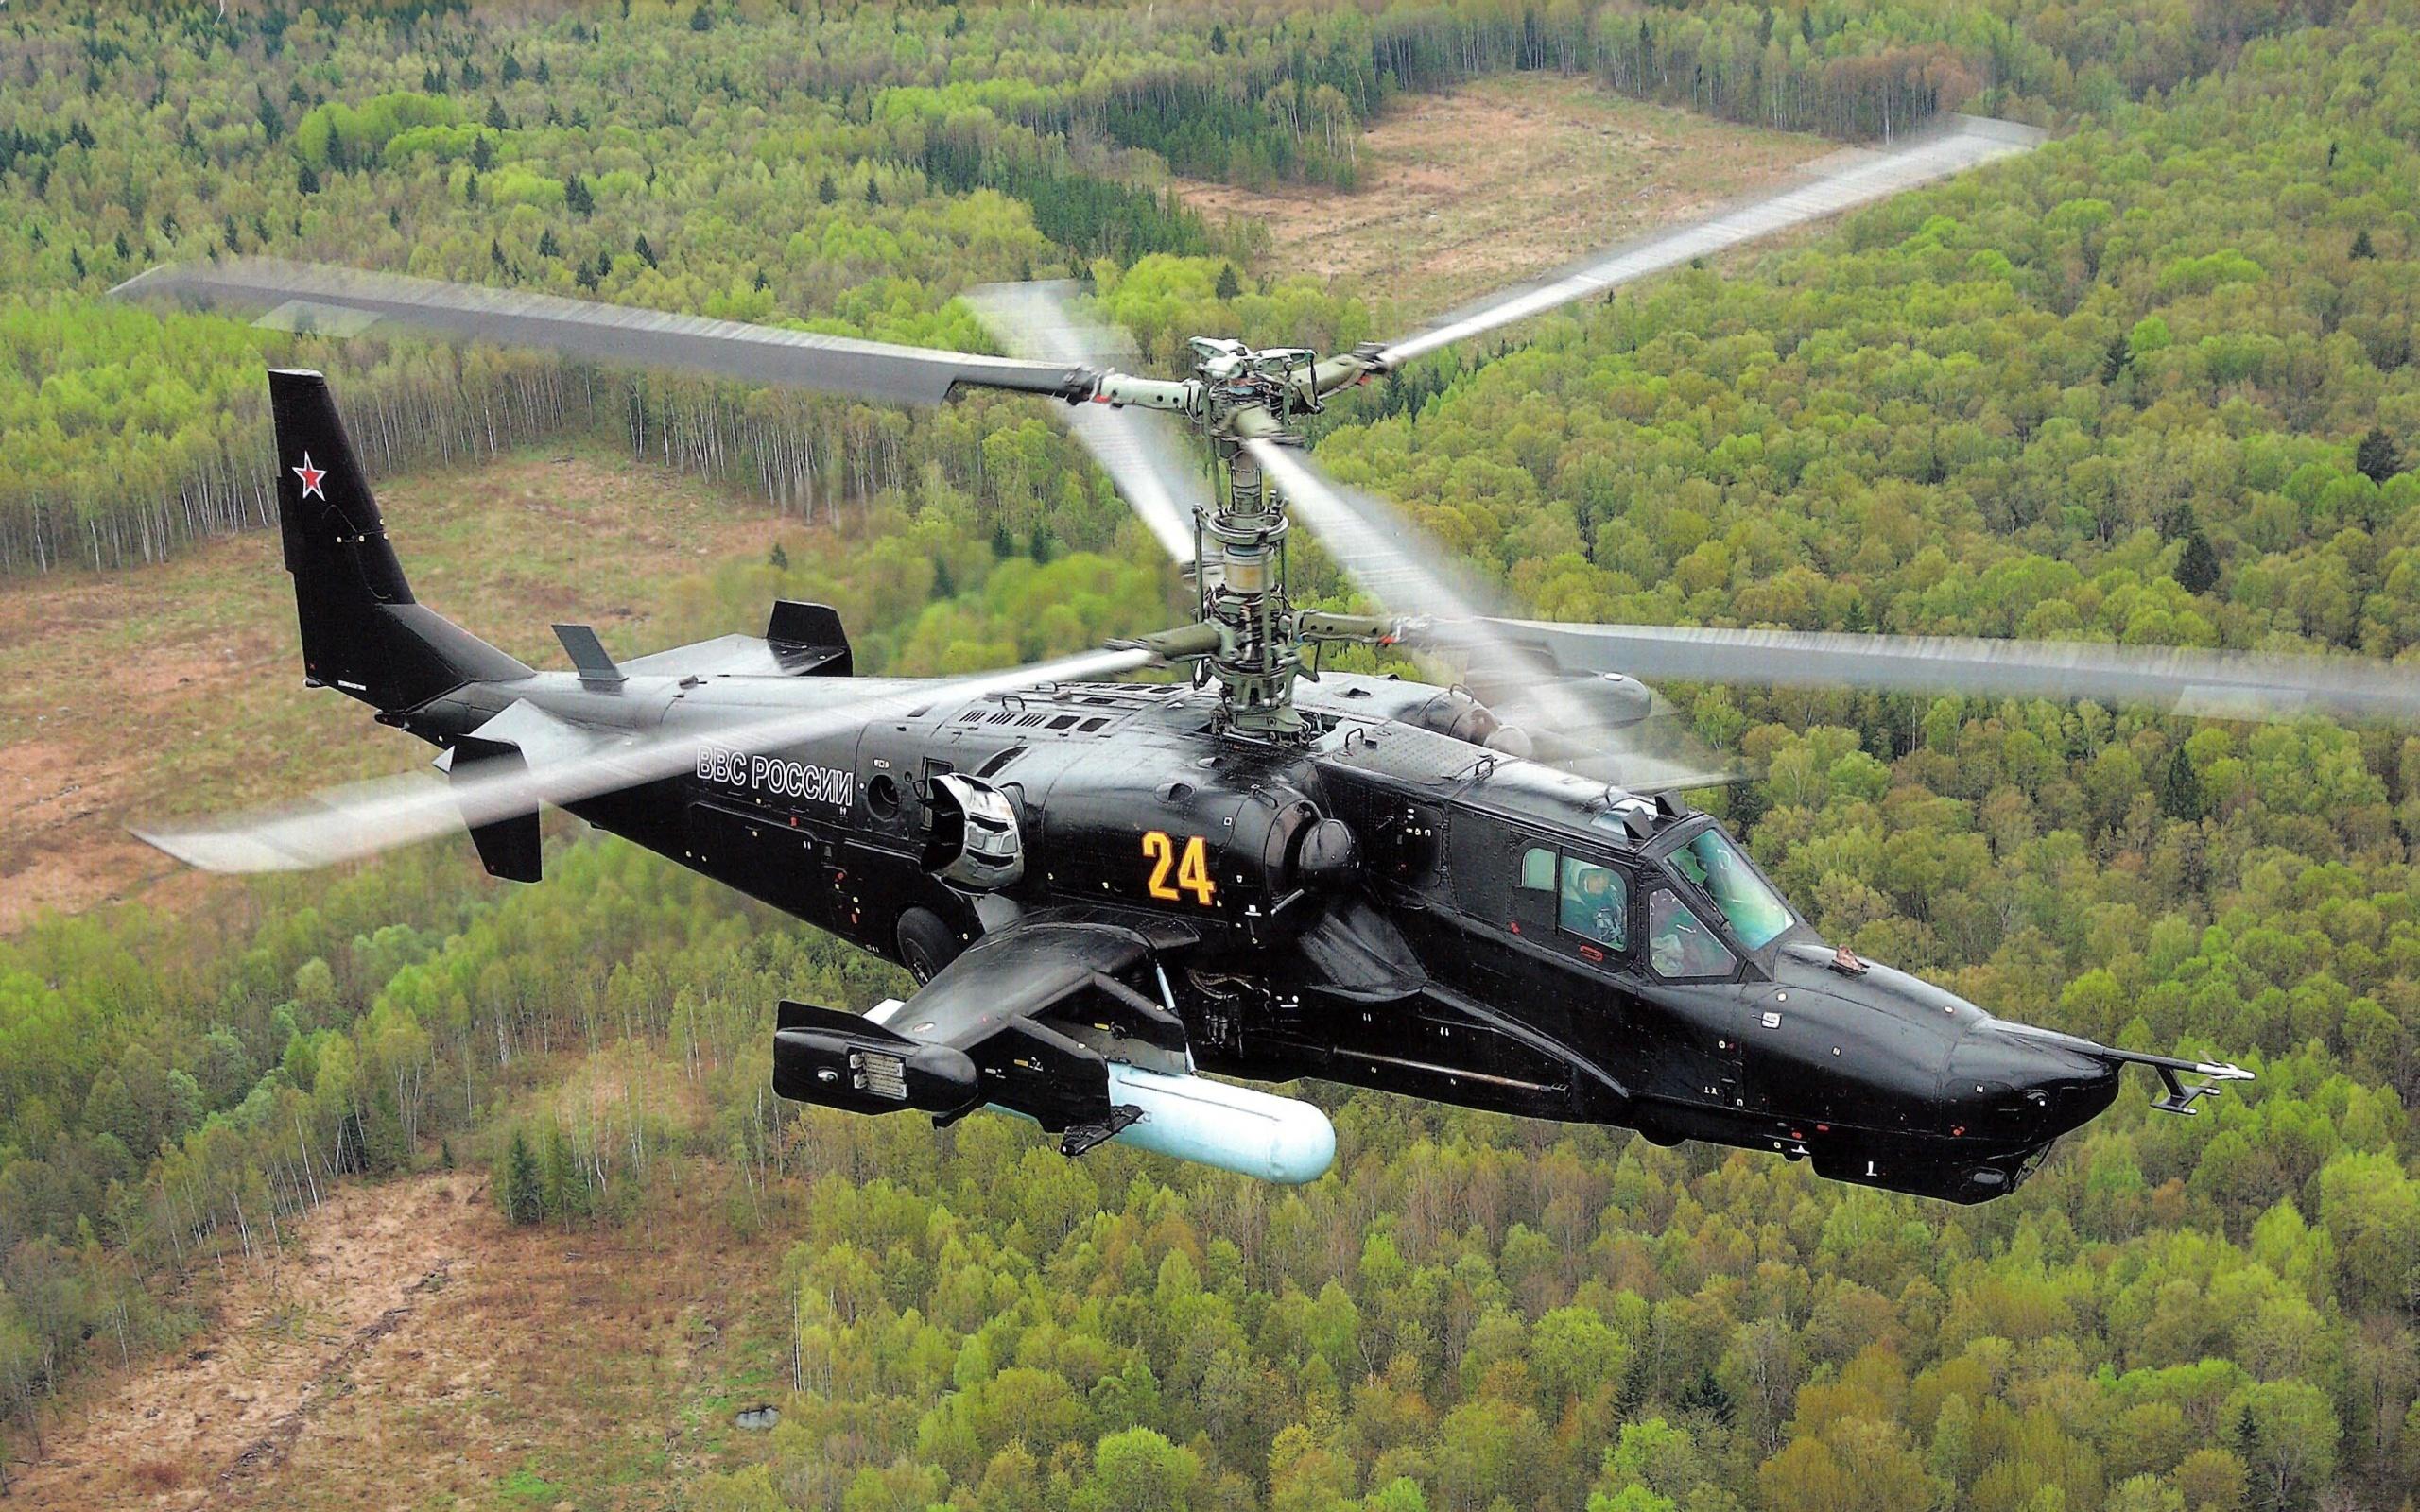 Вертолет Ка-50 черная акула обои для рабочего стола, картинки и ...